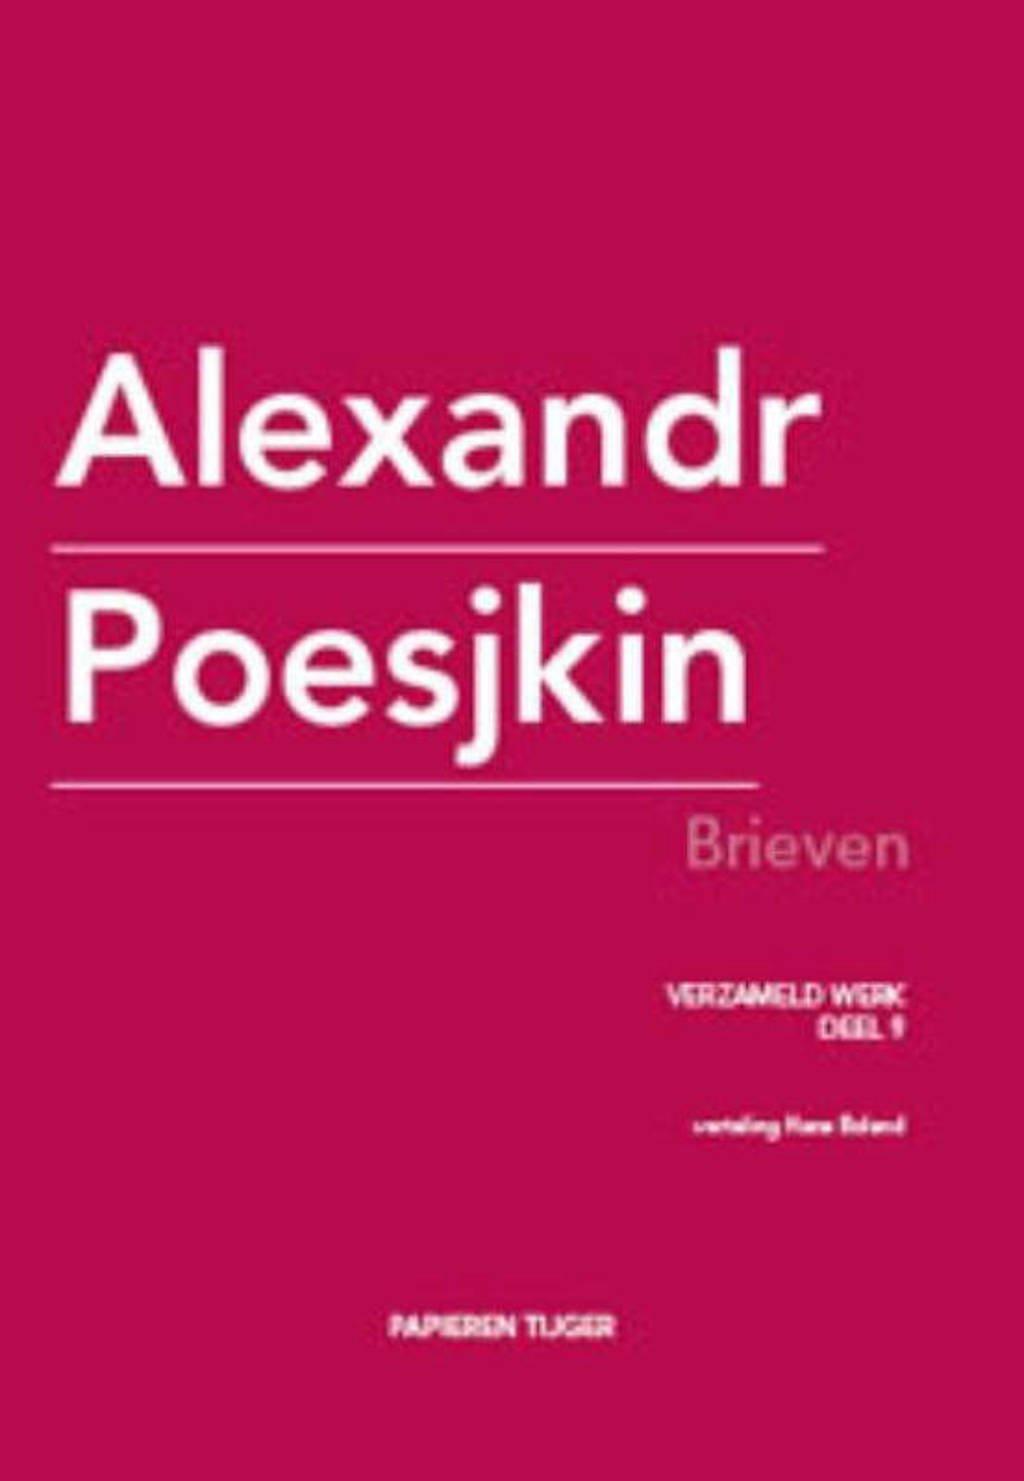 Verzameld werk Alexandr Poesjkin: Brieven - Alexandr Poesjkin